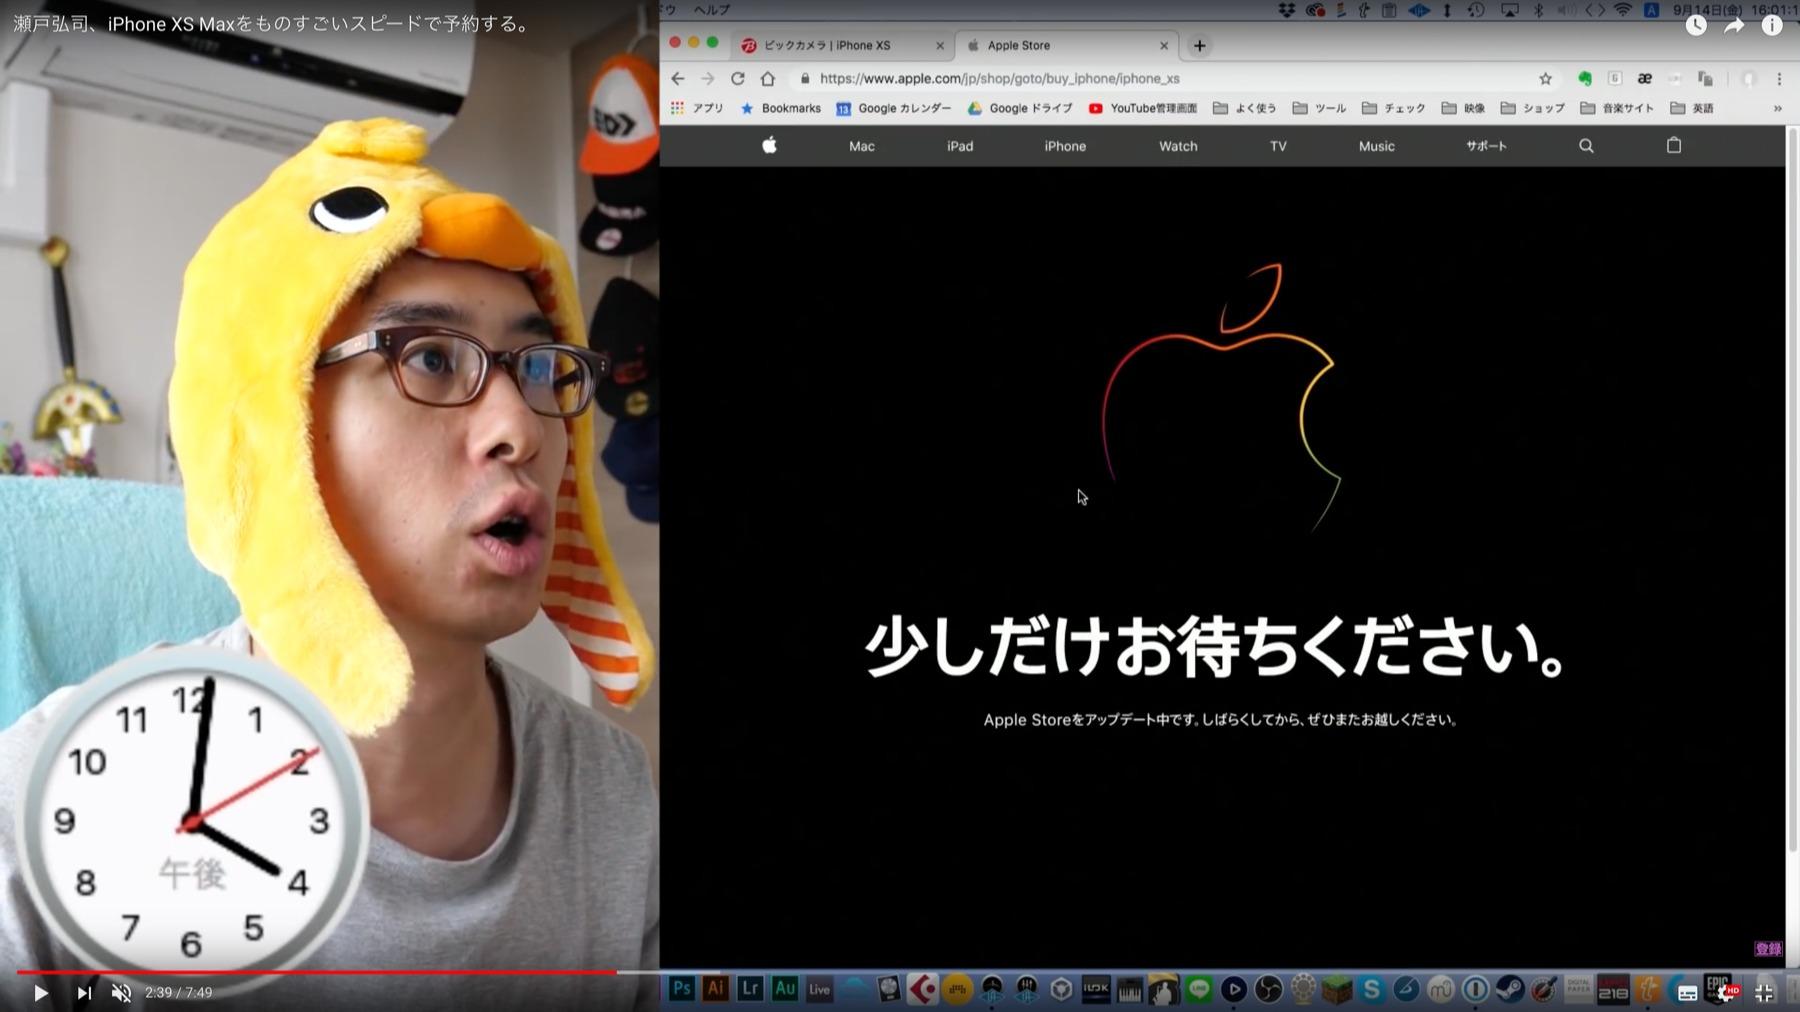 """瀬戸さんの「iPhone XS Max」最速予約動画が""""あるある""""過ぎて最強面白い!"""